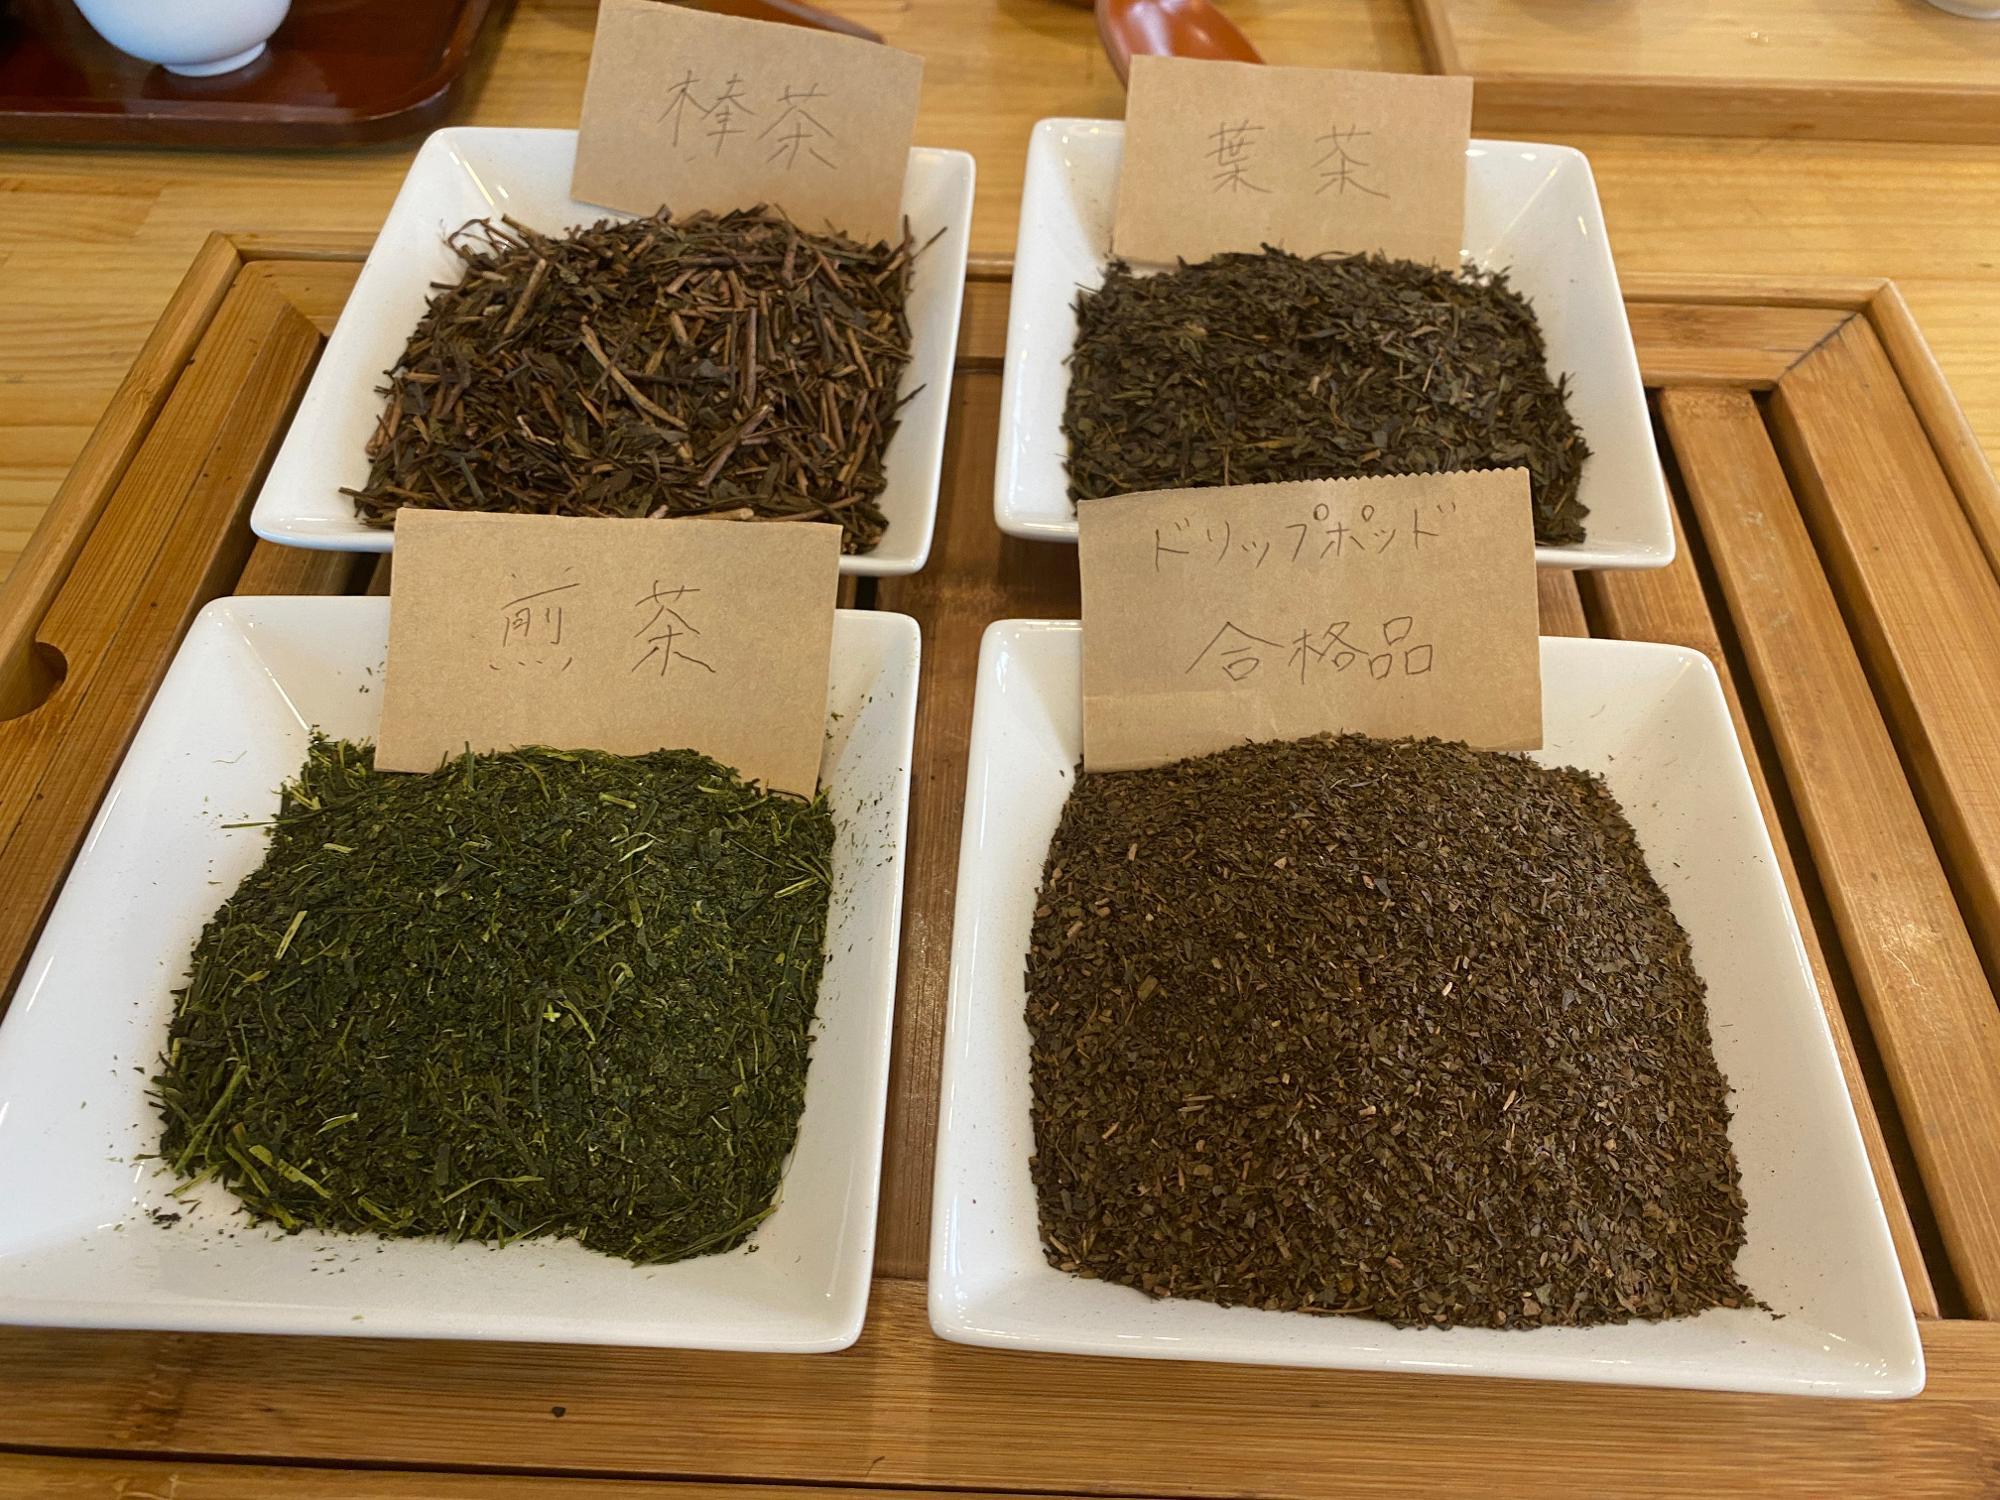 茶葉の加工工程。右下の茶葉がカプセルに入っています。